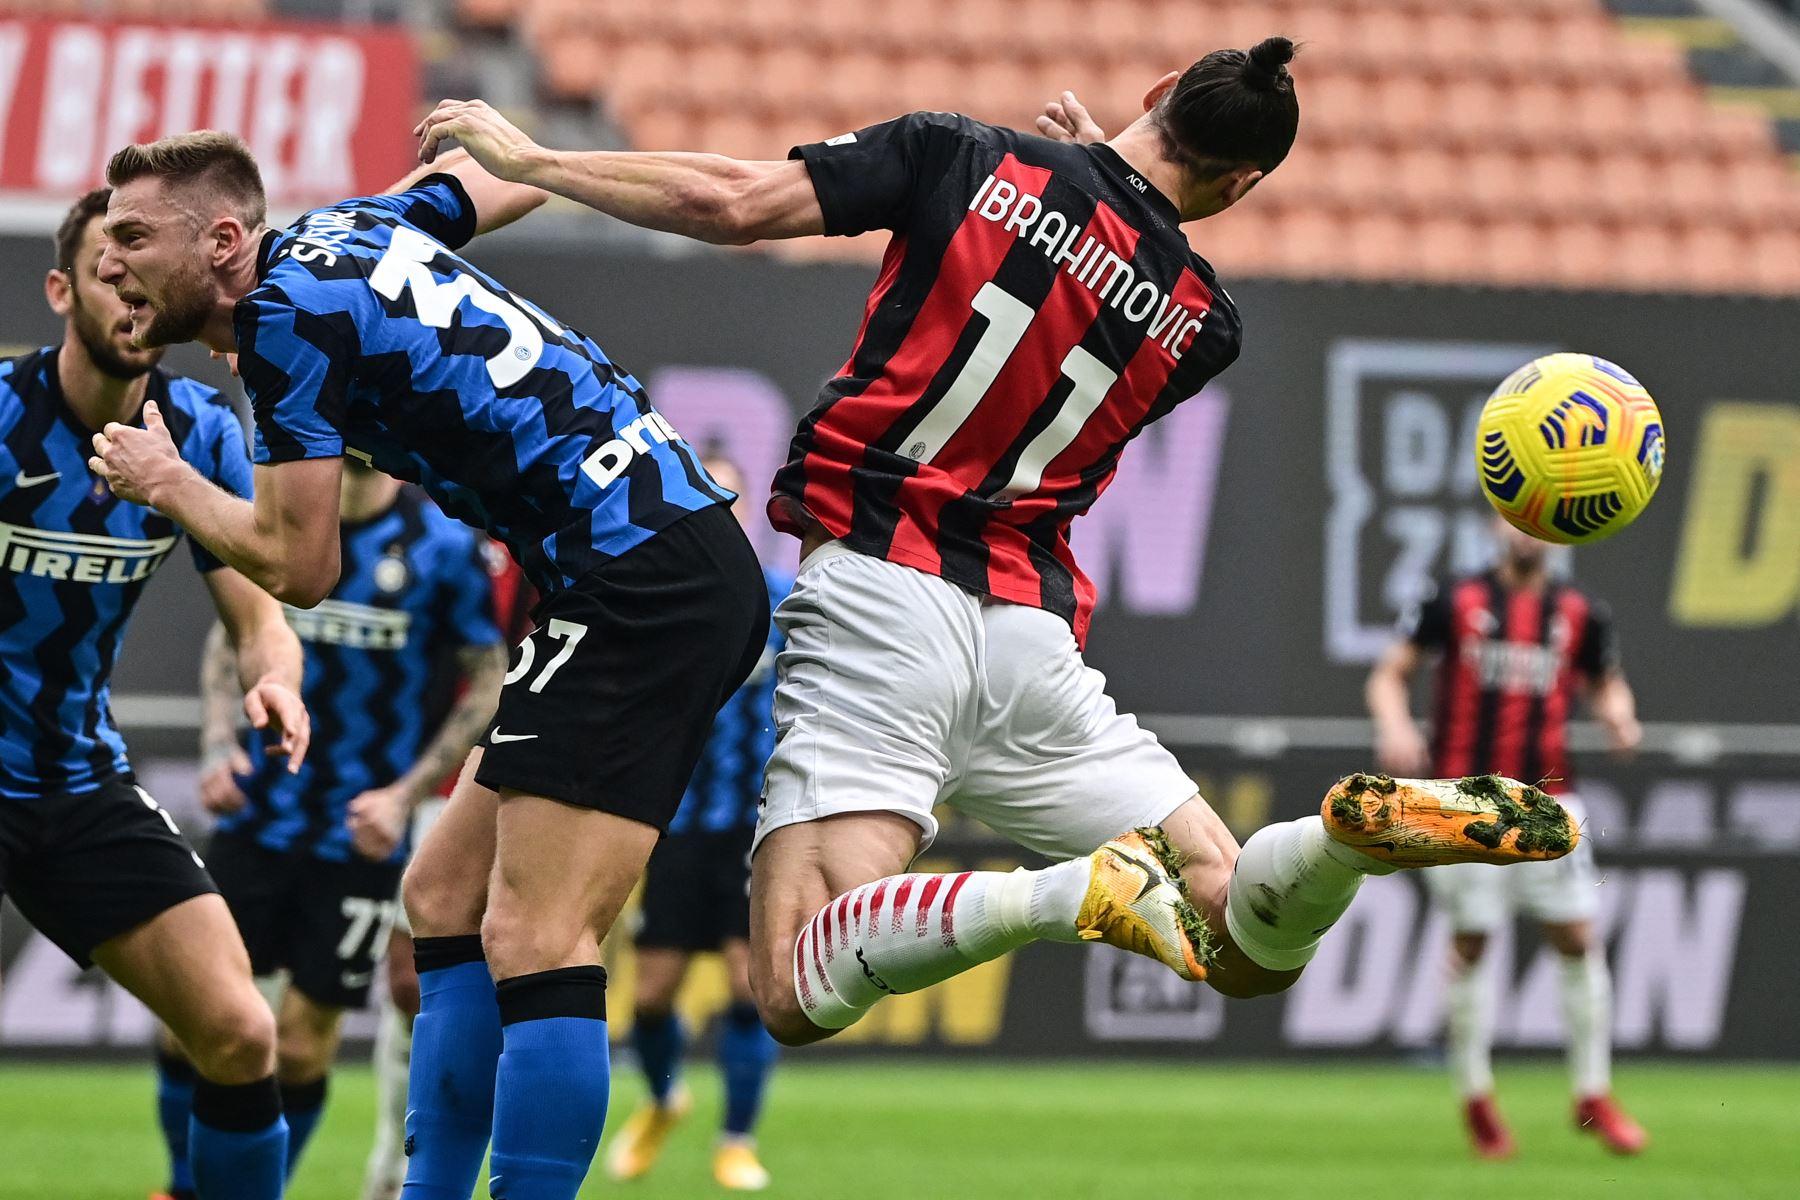 El defensor eslovaco del Inter de Milán Milan Skriniar  y el delantero sueco del AC Milan Zlatan Ibrahimovic van de cabeza durante el partido de fútbol de la Serie A italiana AC Milan vs Inter de Milán. Foto: AFP